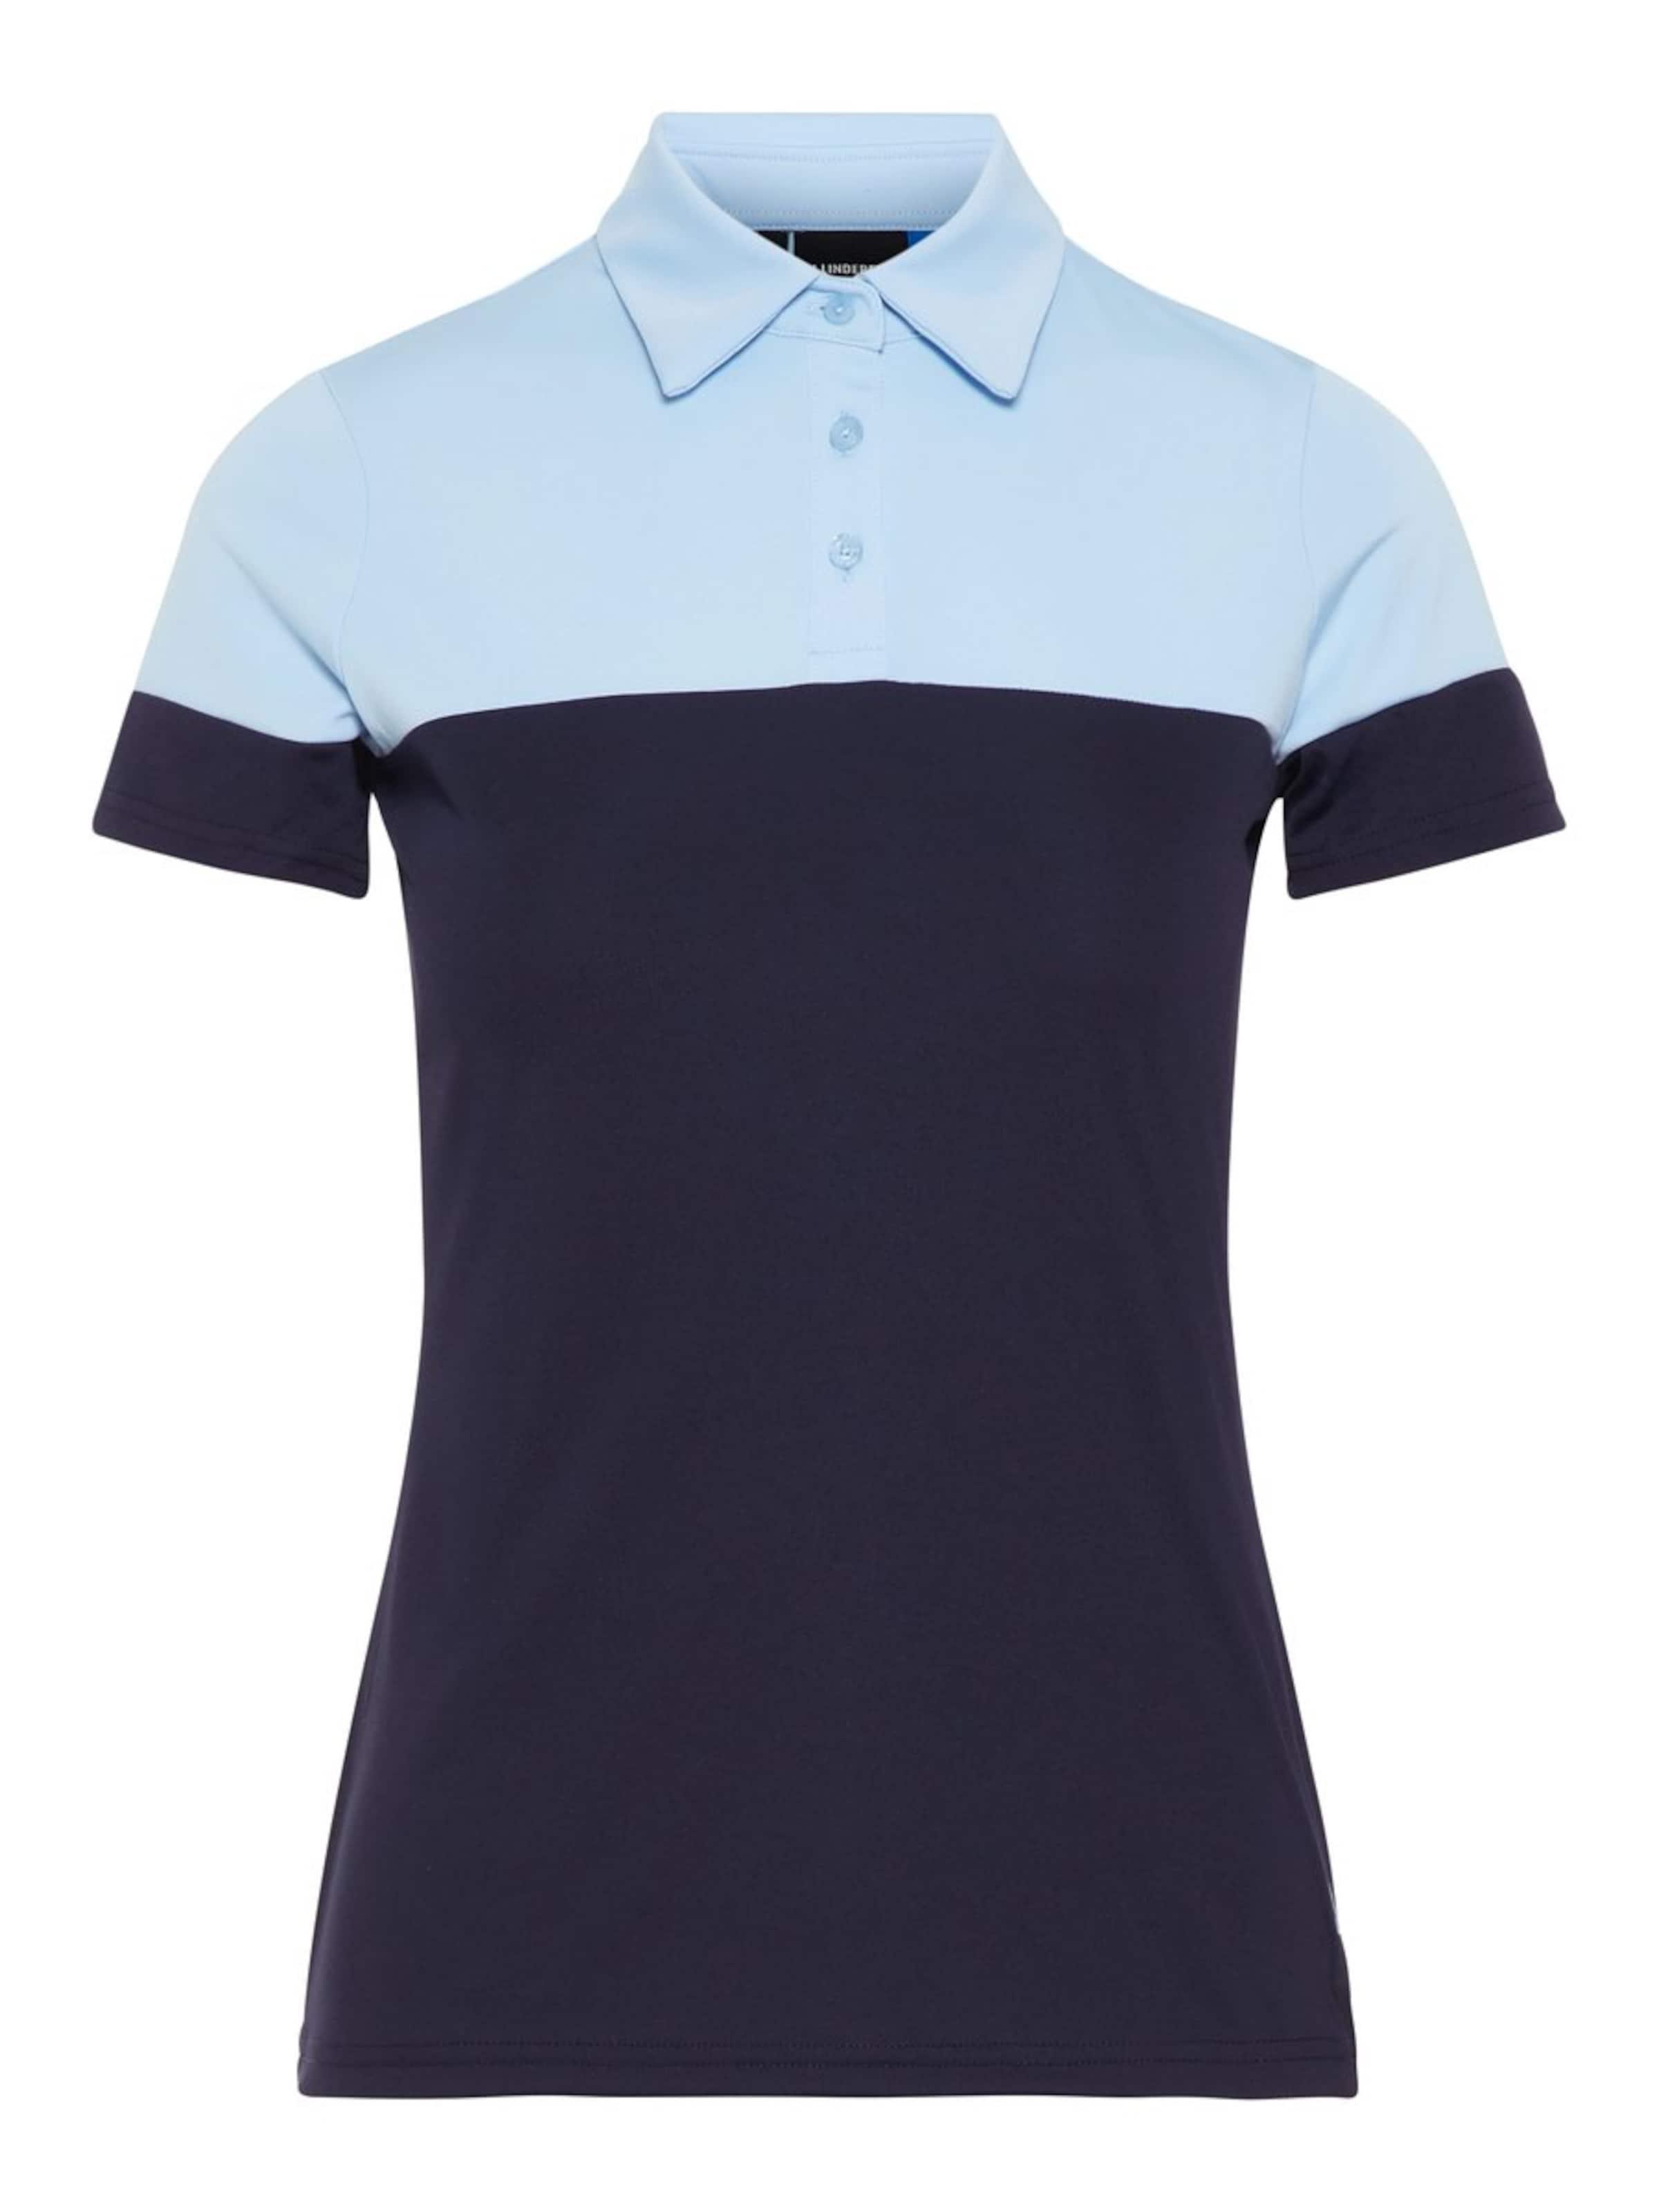 'ditte' J En T Bleu shirt lindeberg ZikTOuPX